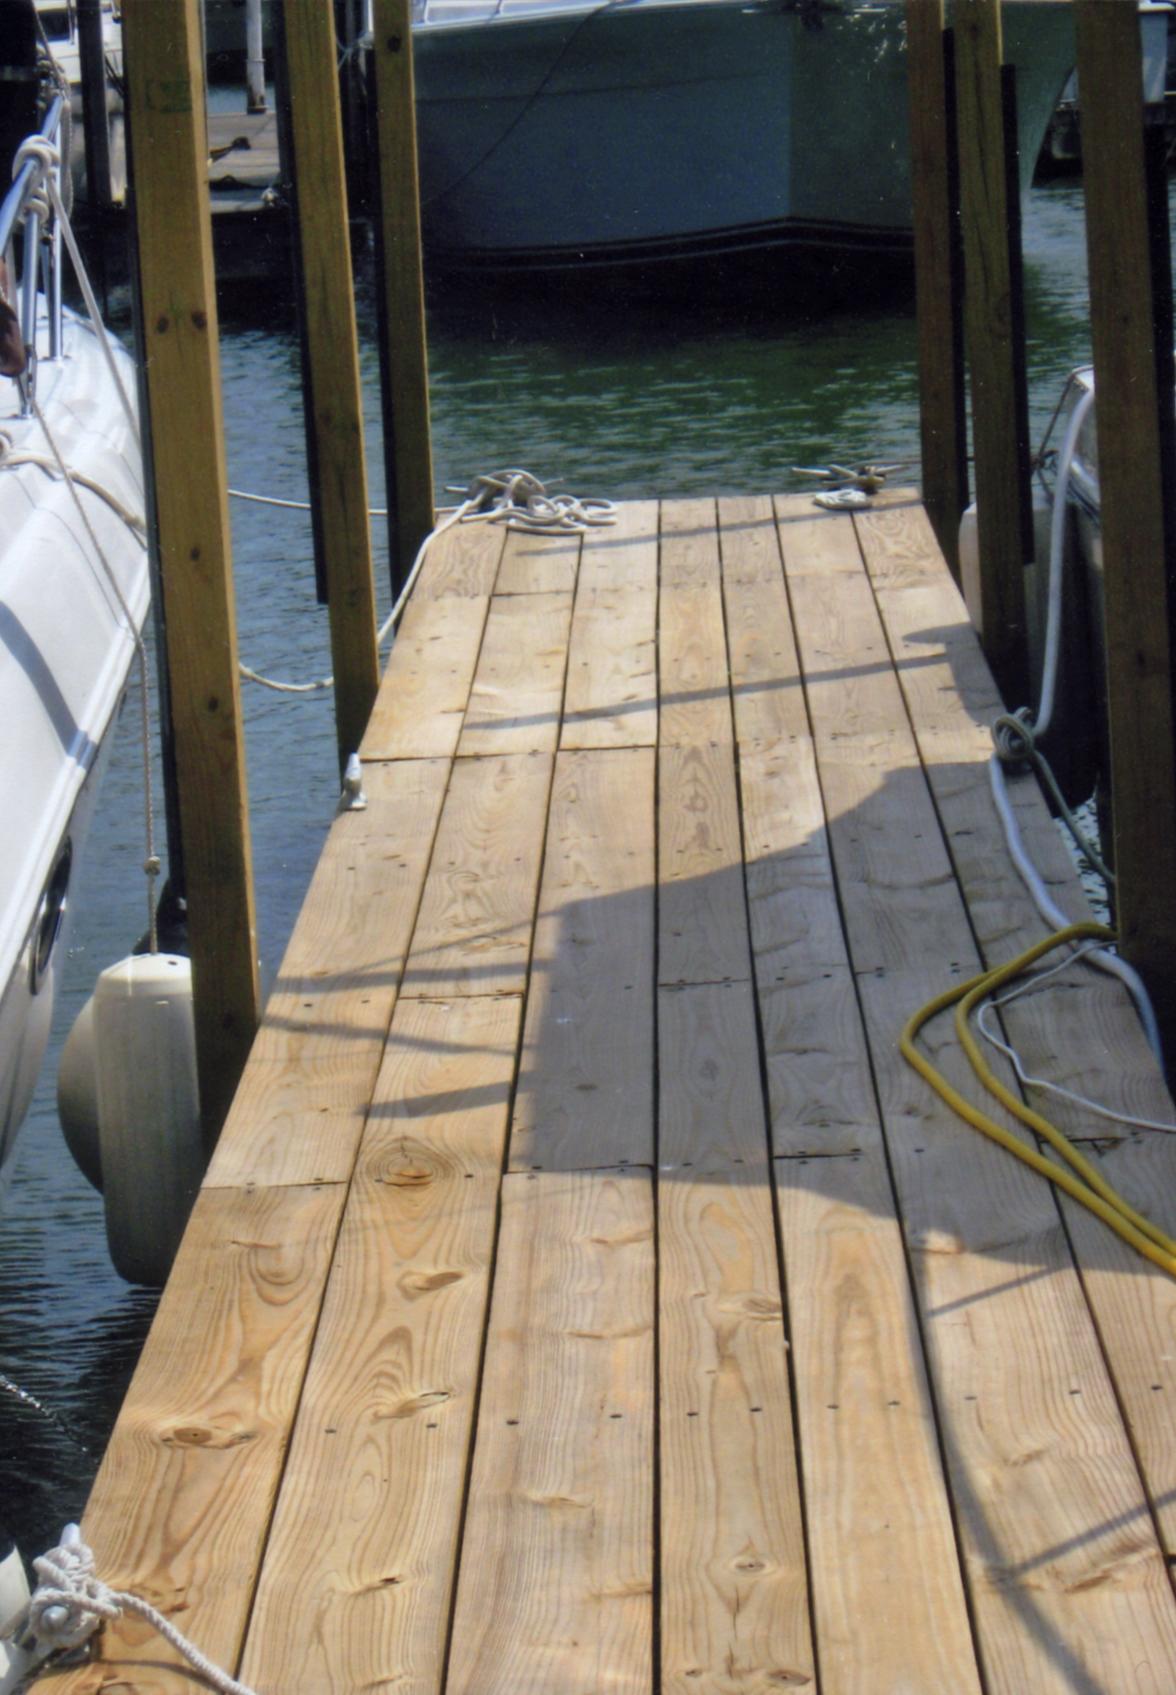 Dock close up